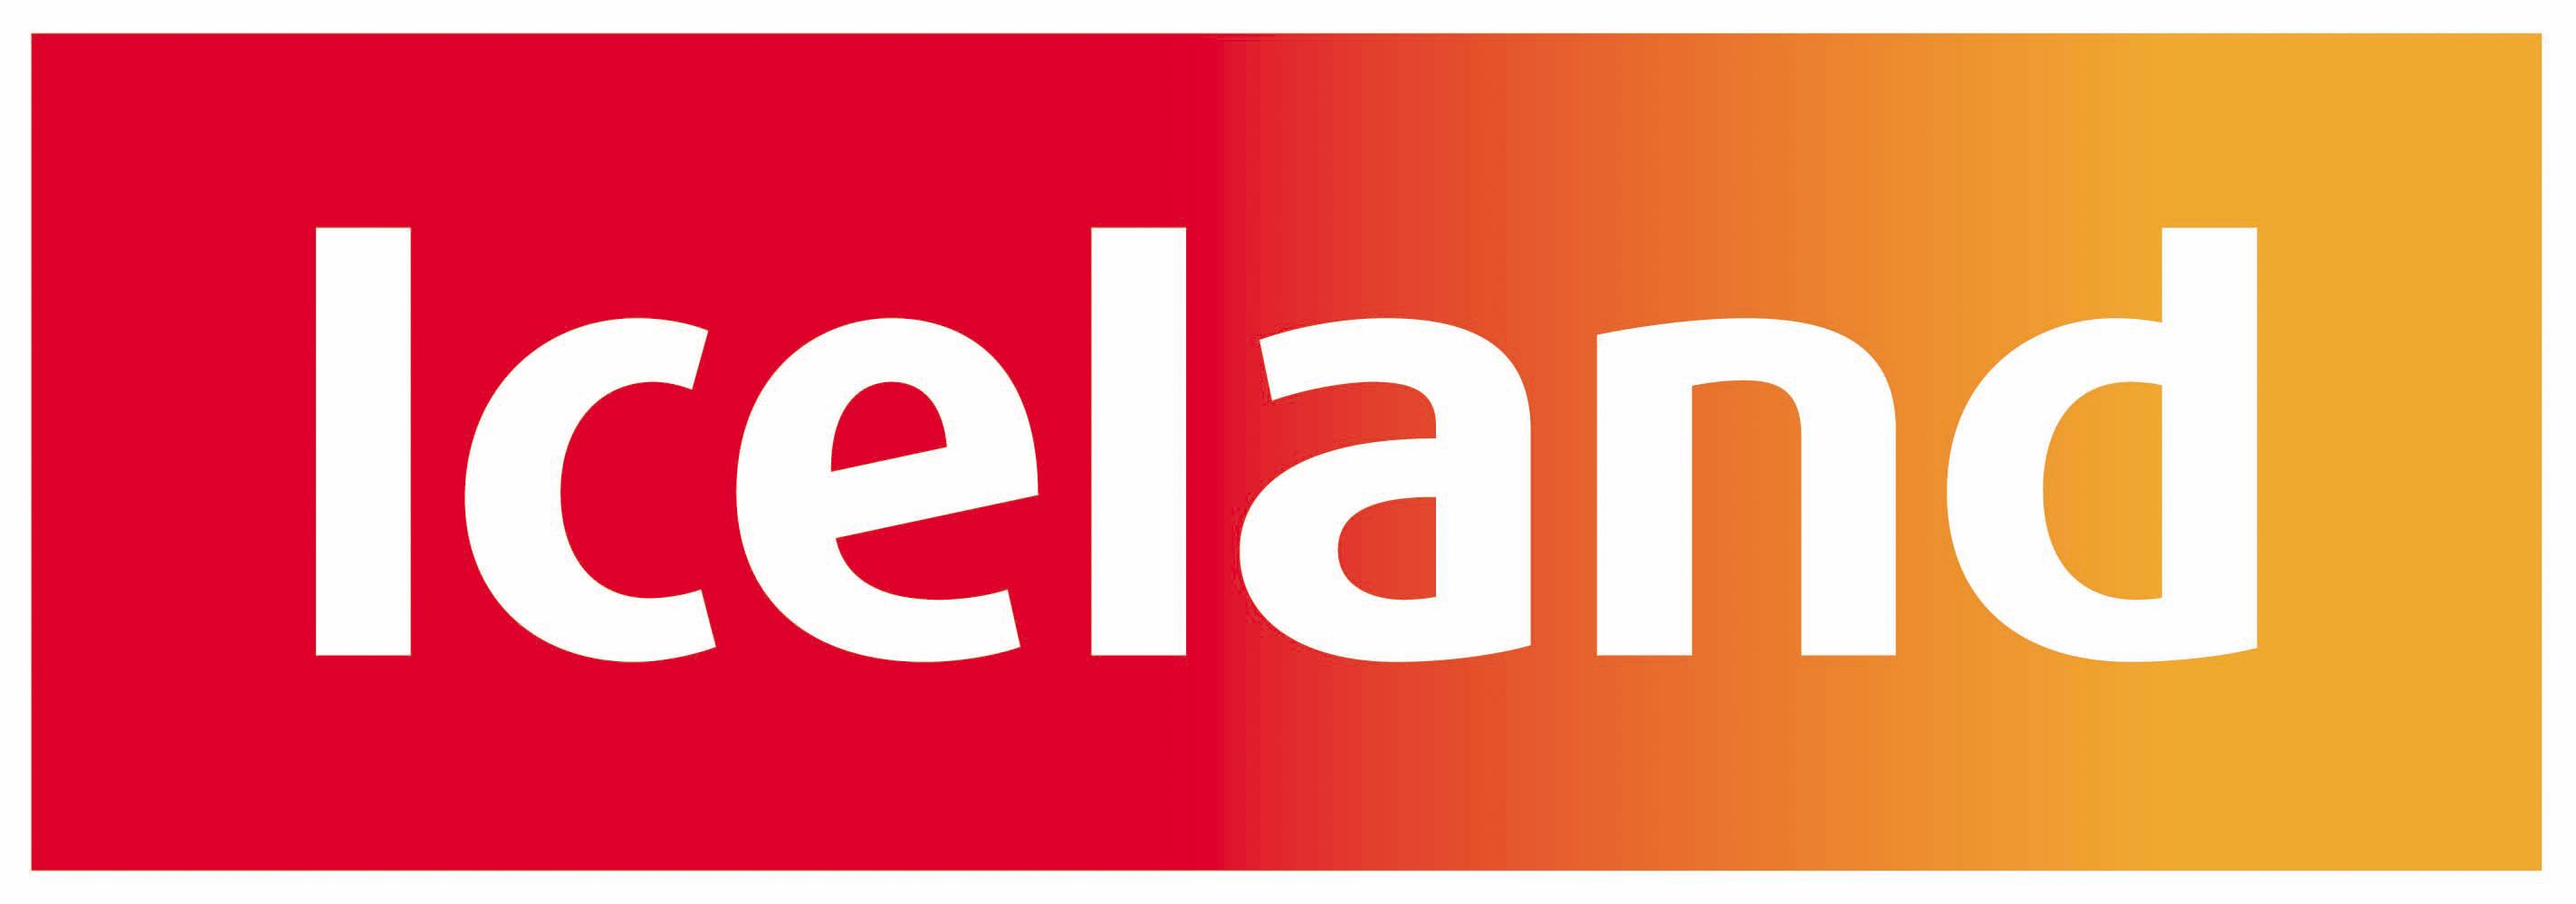 Iceland Slimming World Shopping List | FatGirlSkinny.net ...